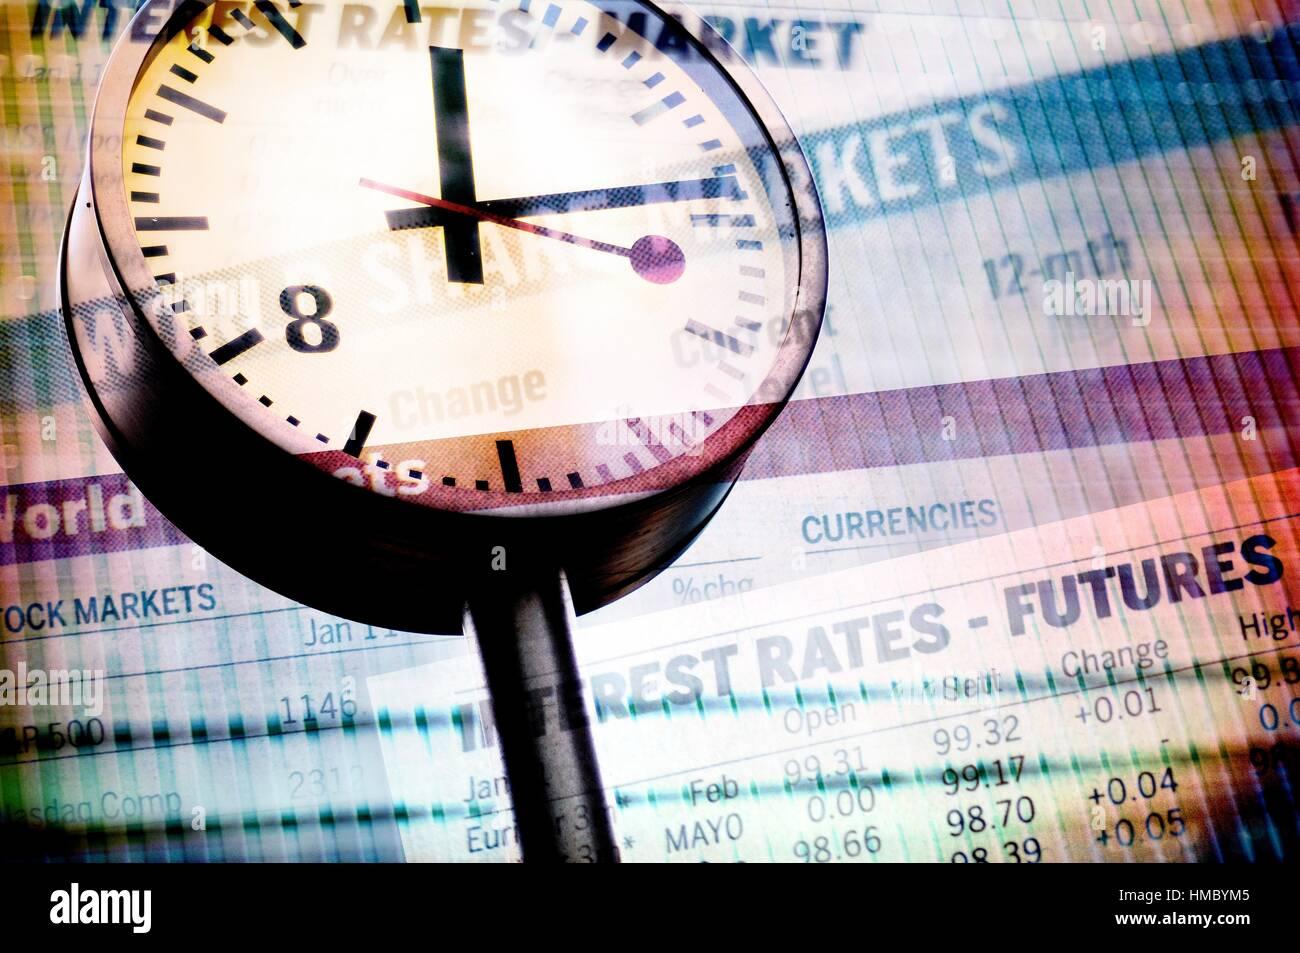 Mercado bursatil, bolsa de valores, tipo de mercado, la bolsa de valores. Foto de stock